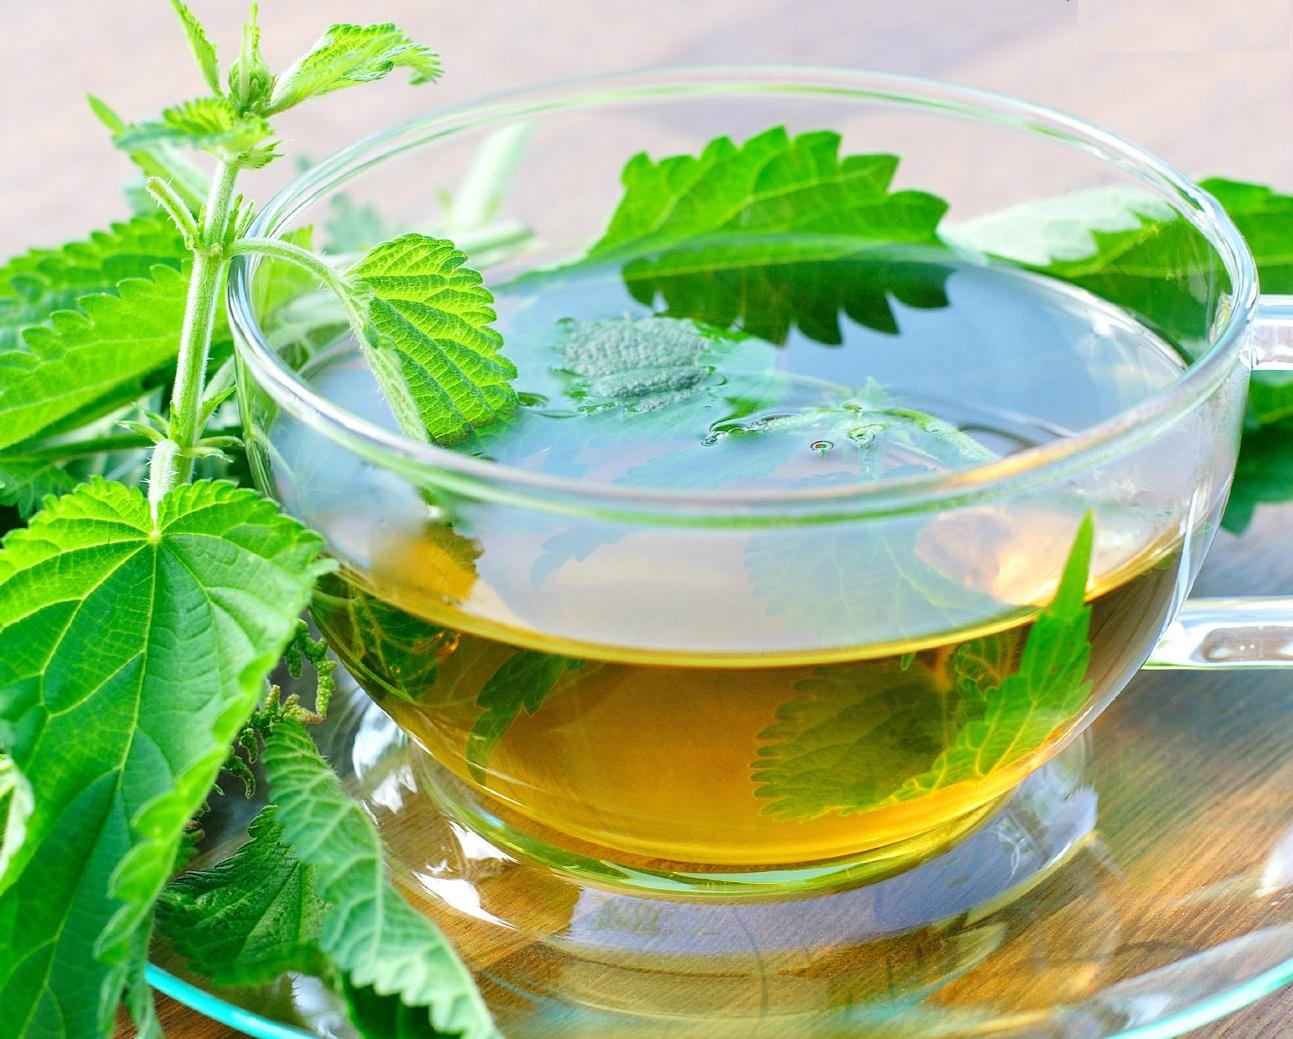 Cuáles son los beneficios para la salud del té de ortigas